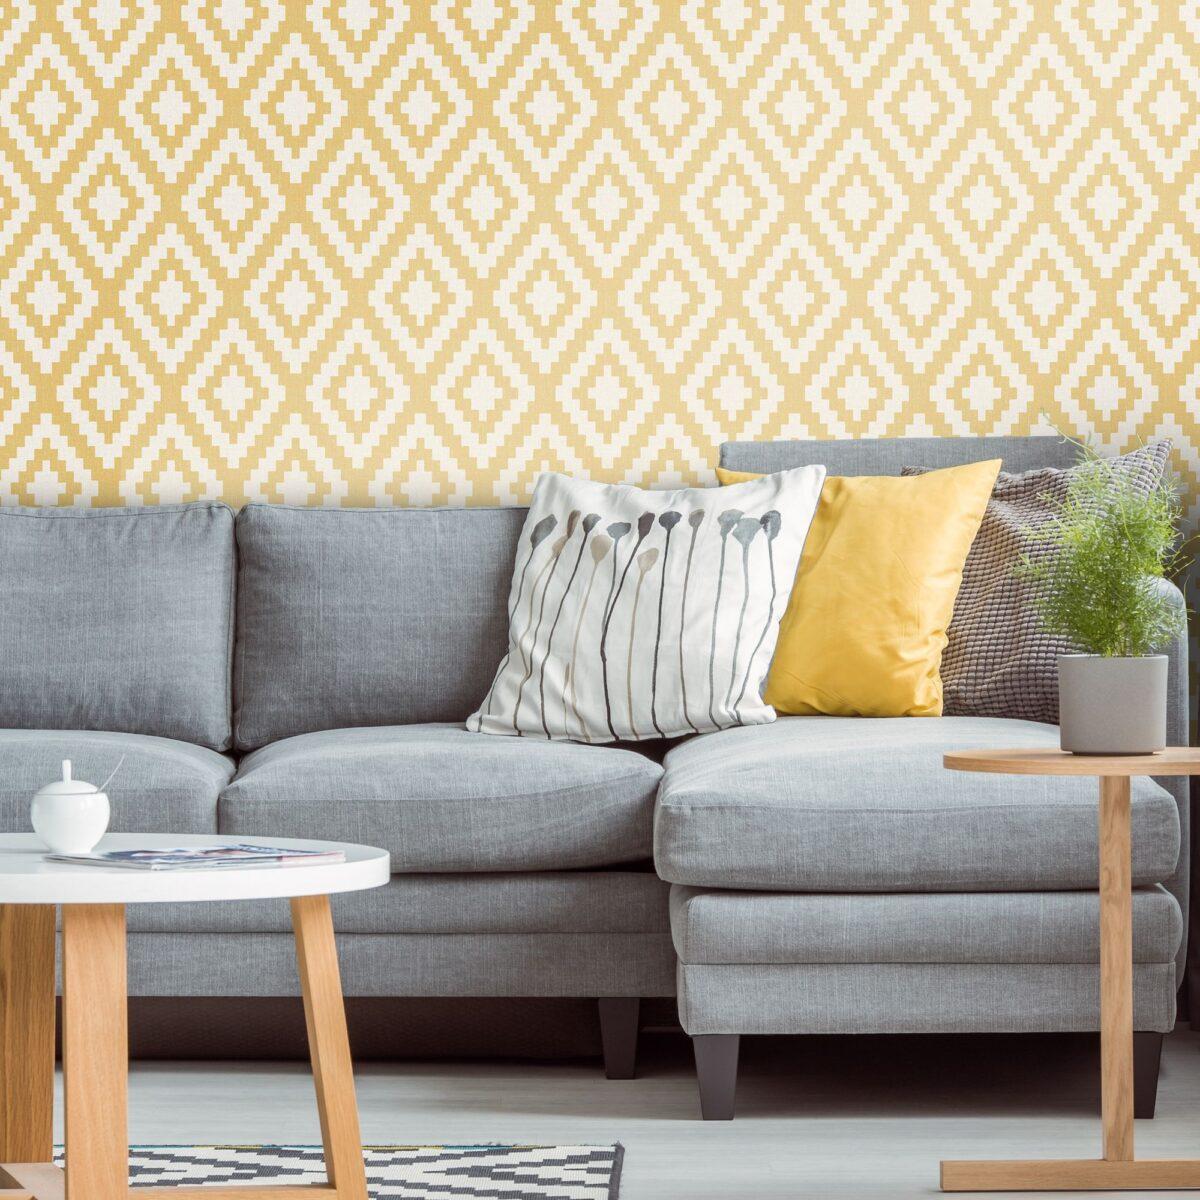 carta-da-parati-classica-per-soggiorno-10-idee-e-foto-01